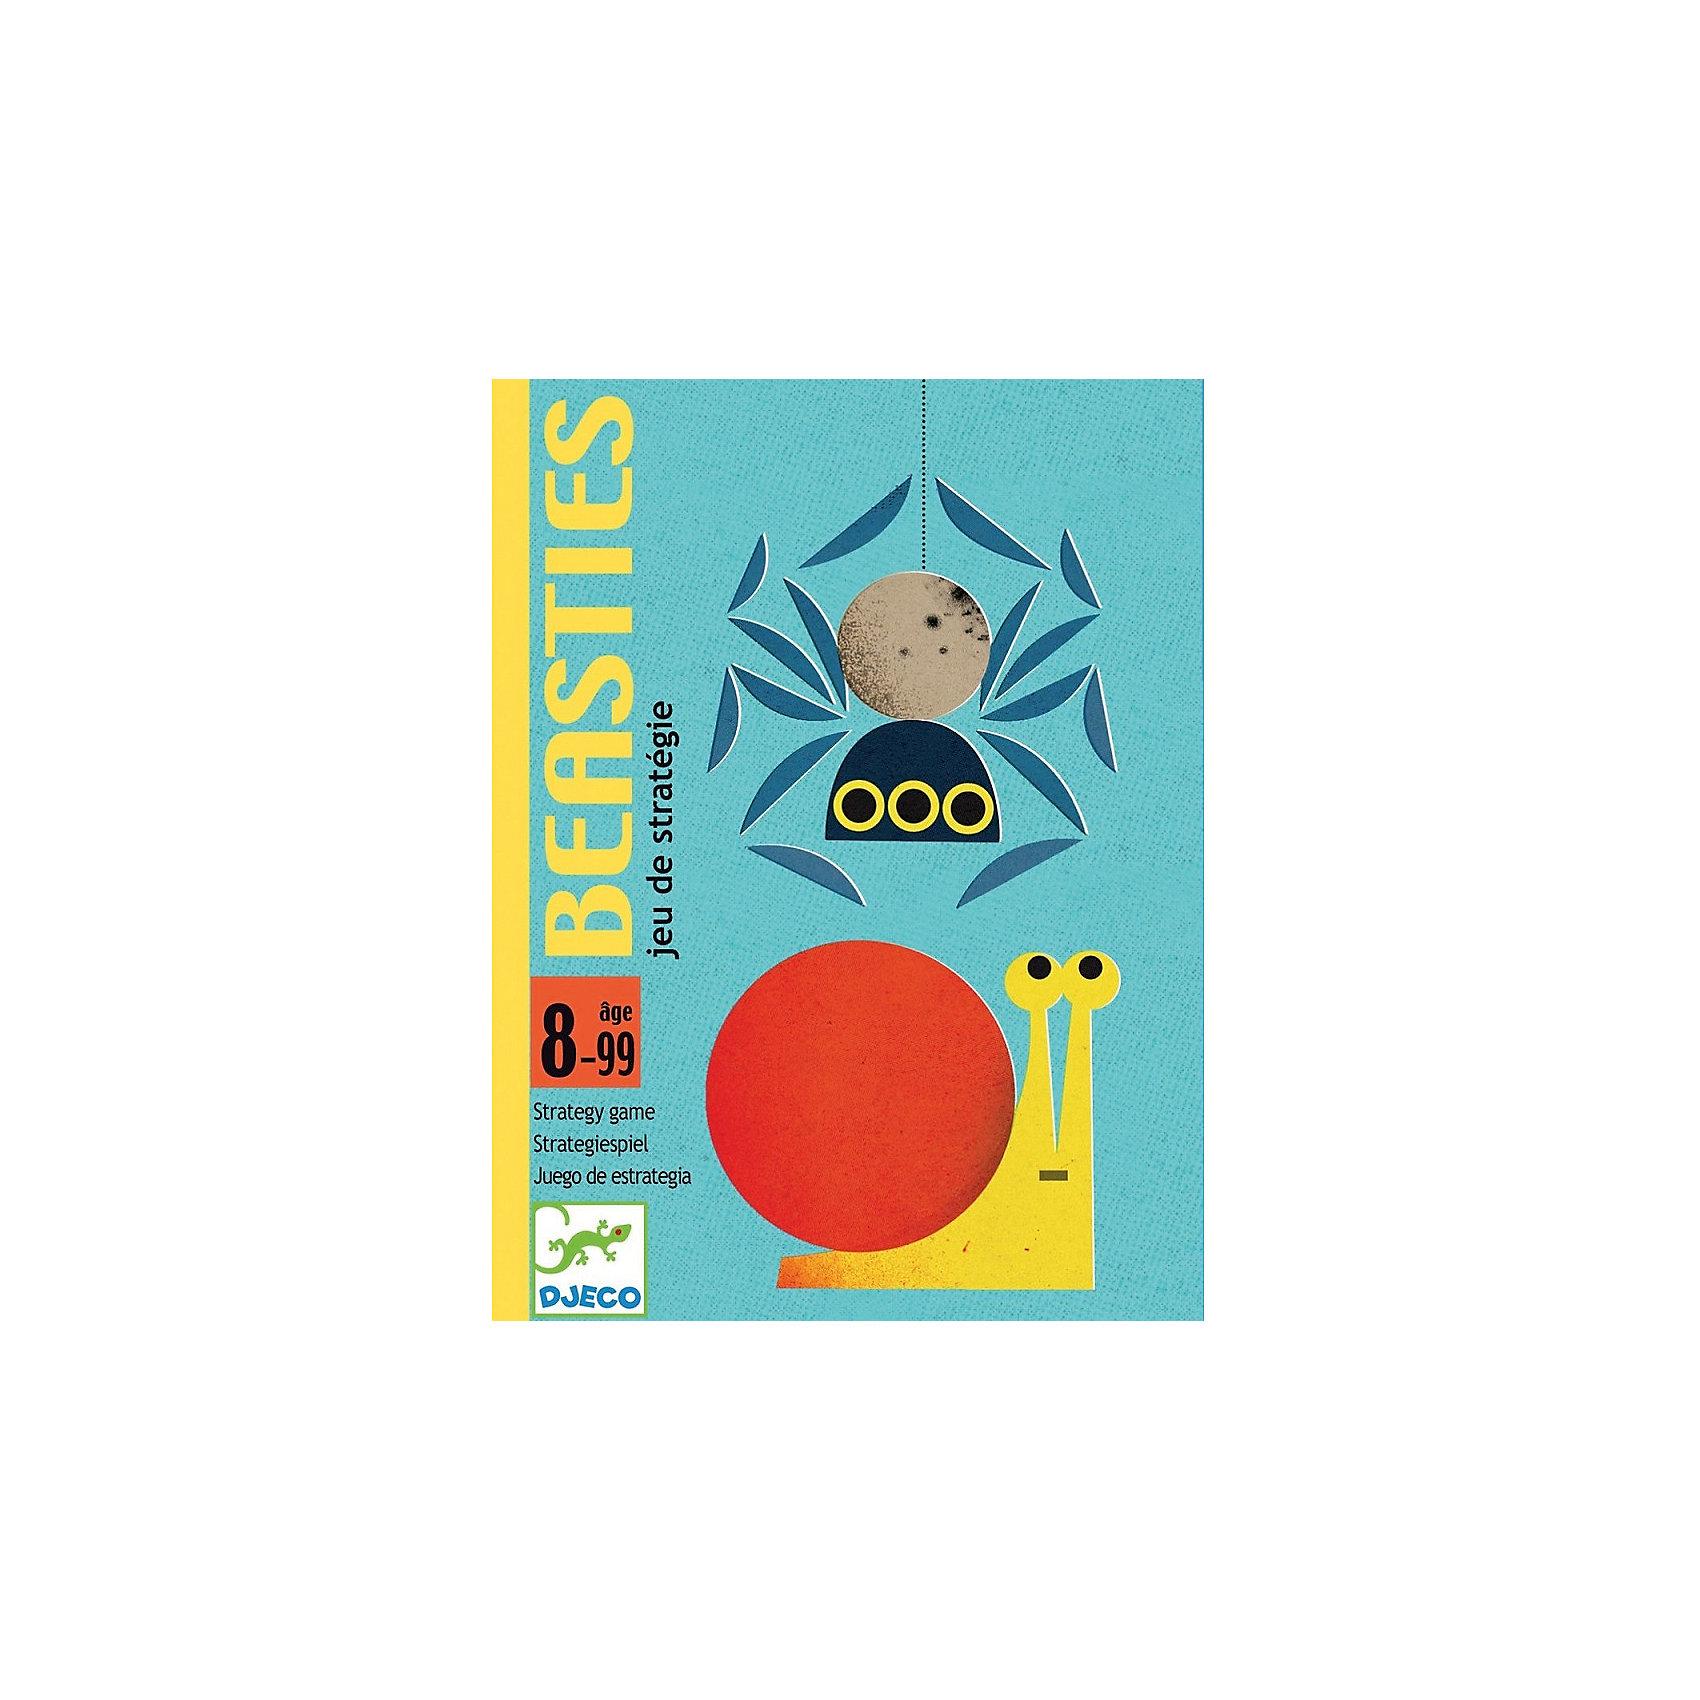 DJECO Карточная игра Насекомые, DJECO игры для малышей djeco детская настольная карточная игра мини семья